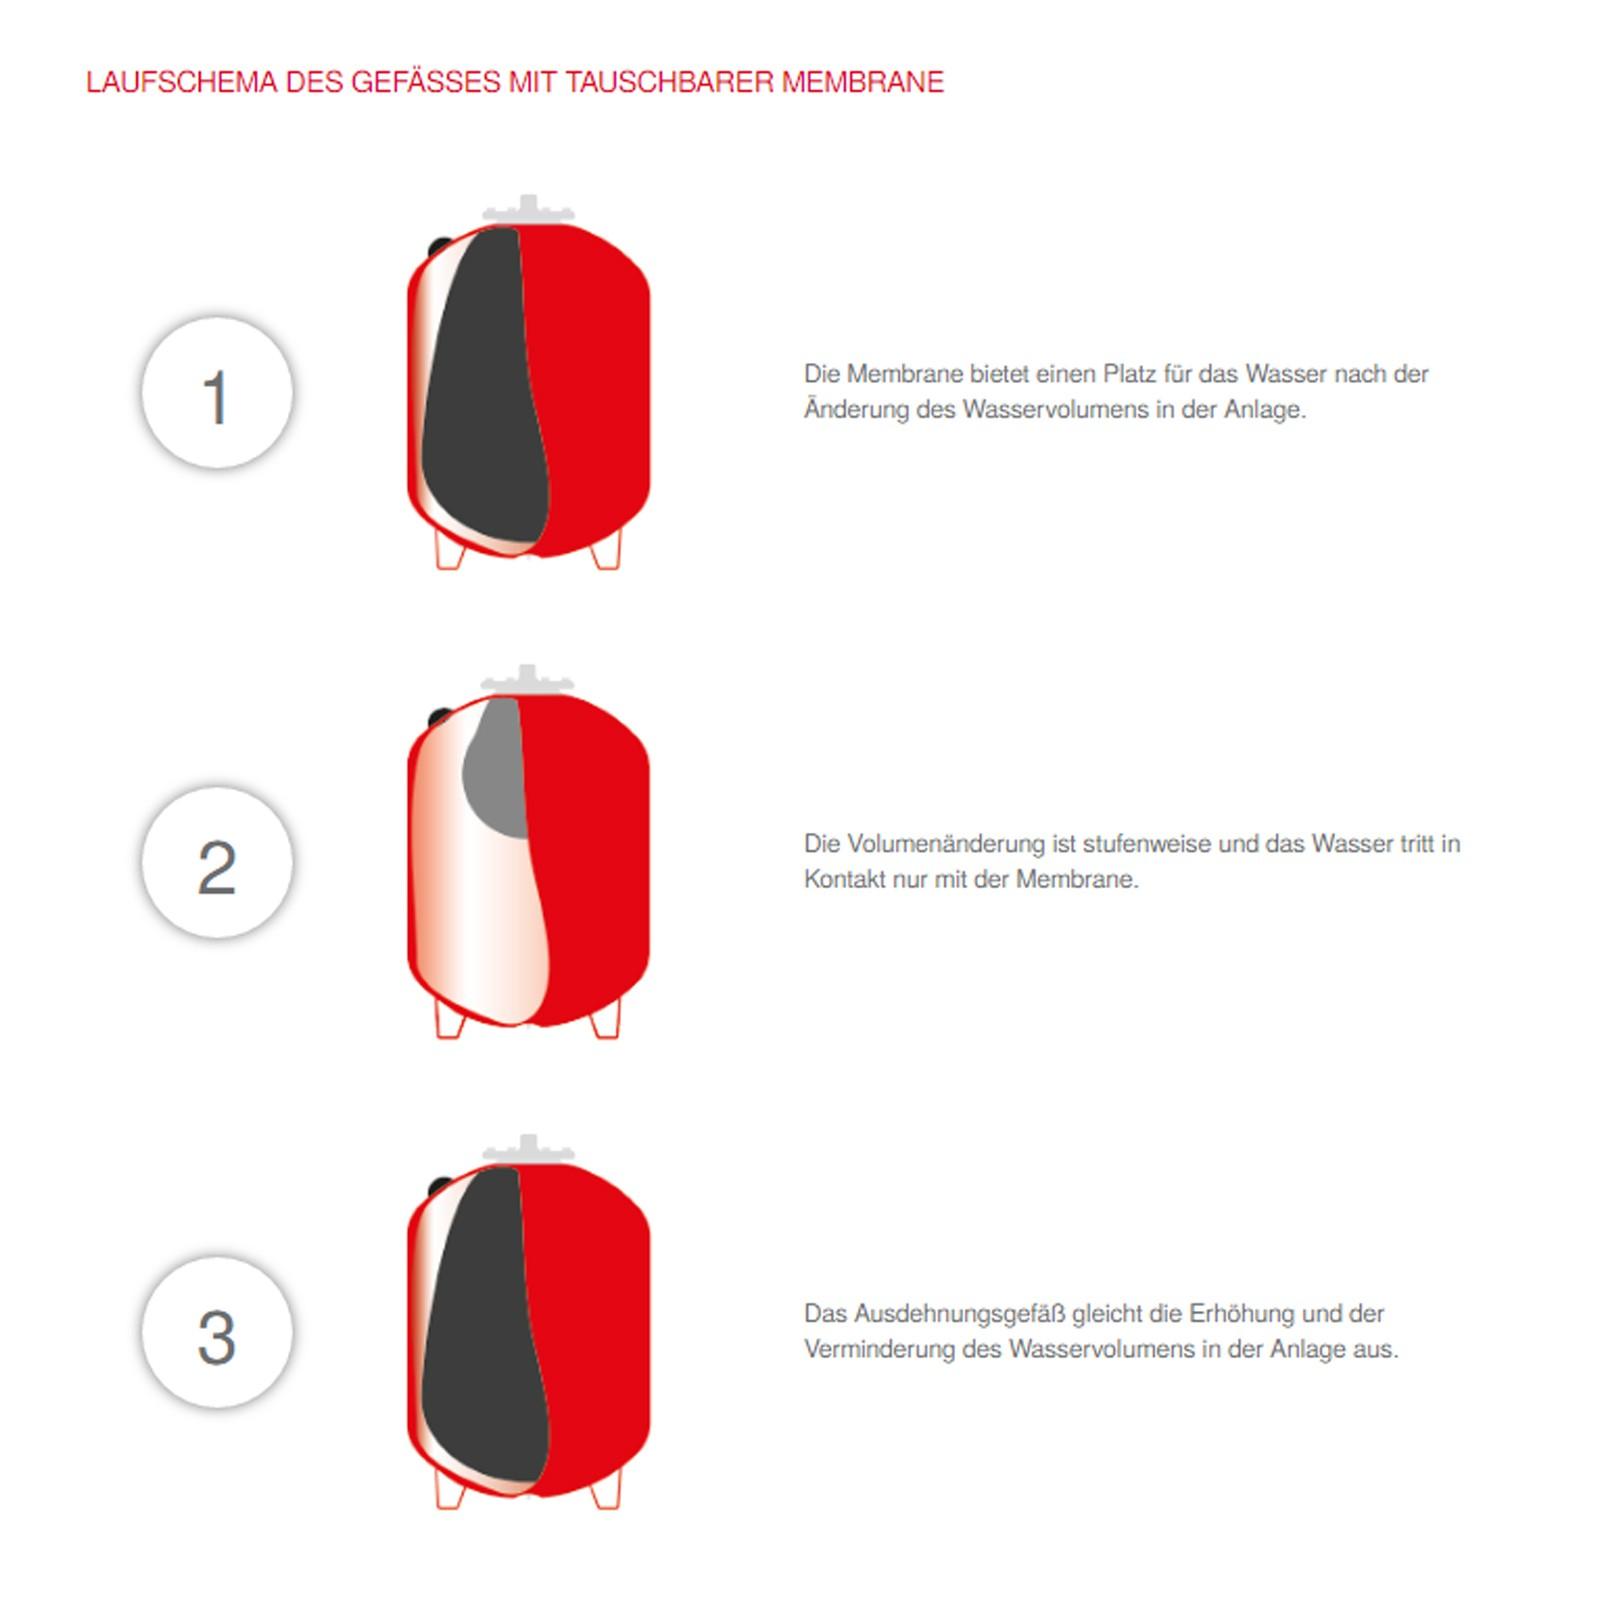 stabilo sanitaer ausdehnungsgef 50l stehend rot ausgleichsbeh lter heizung ebay. Black Bedroom Furniture Sets. Home Design Ideas